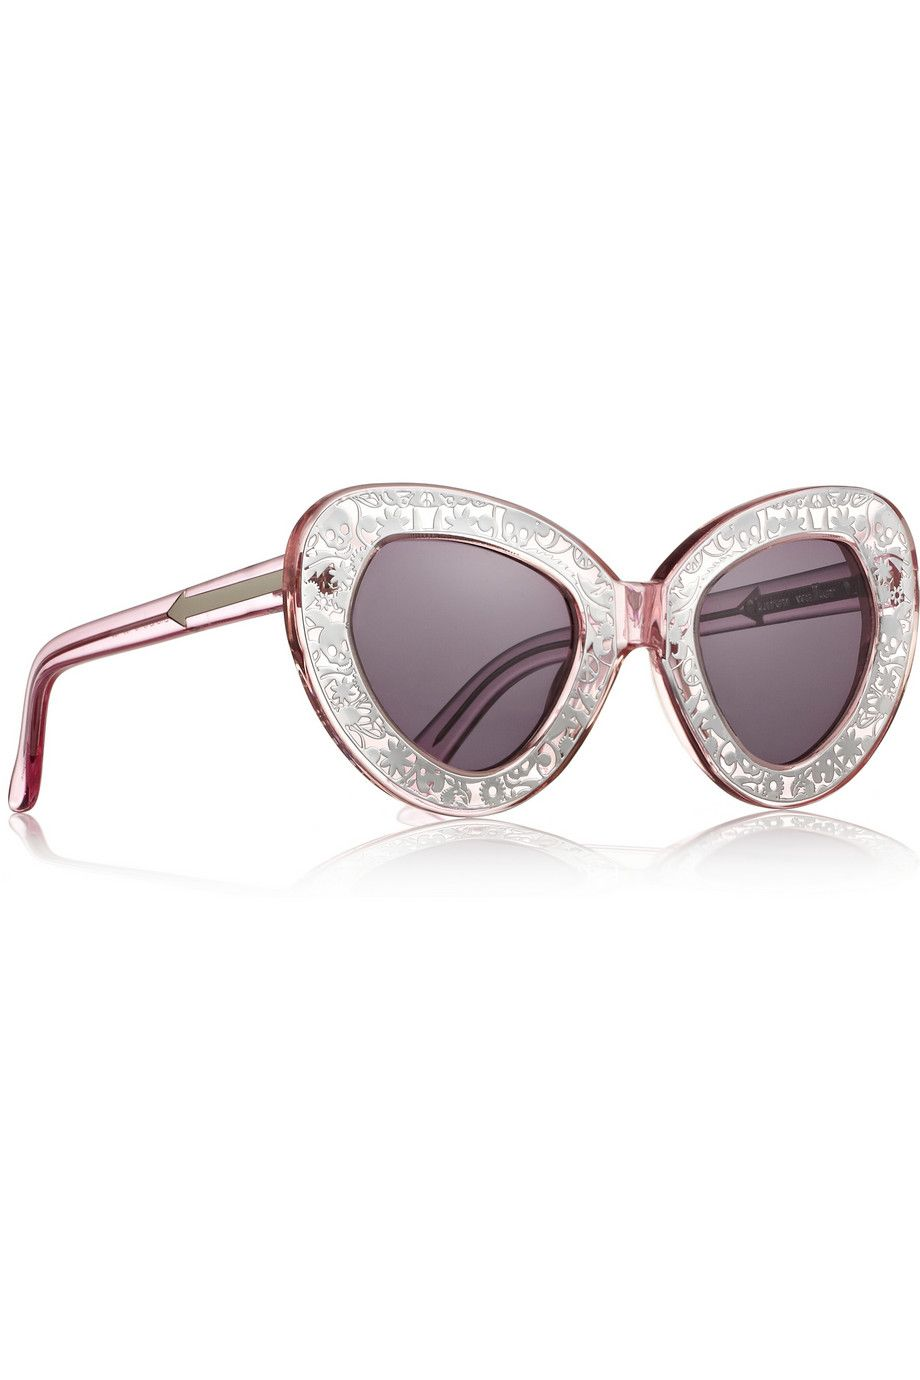 Karen Walker Intergalactic cat eye sunglasses Oculos De Sol, Bijuterias,  Óculos Escuros Estilosos, 6031908905